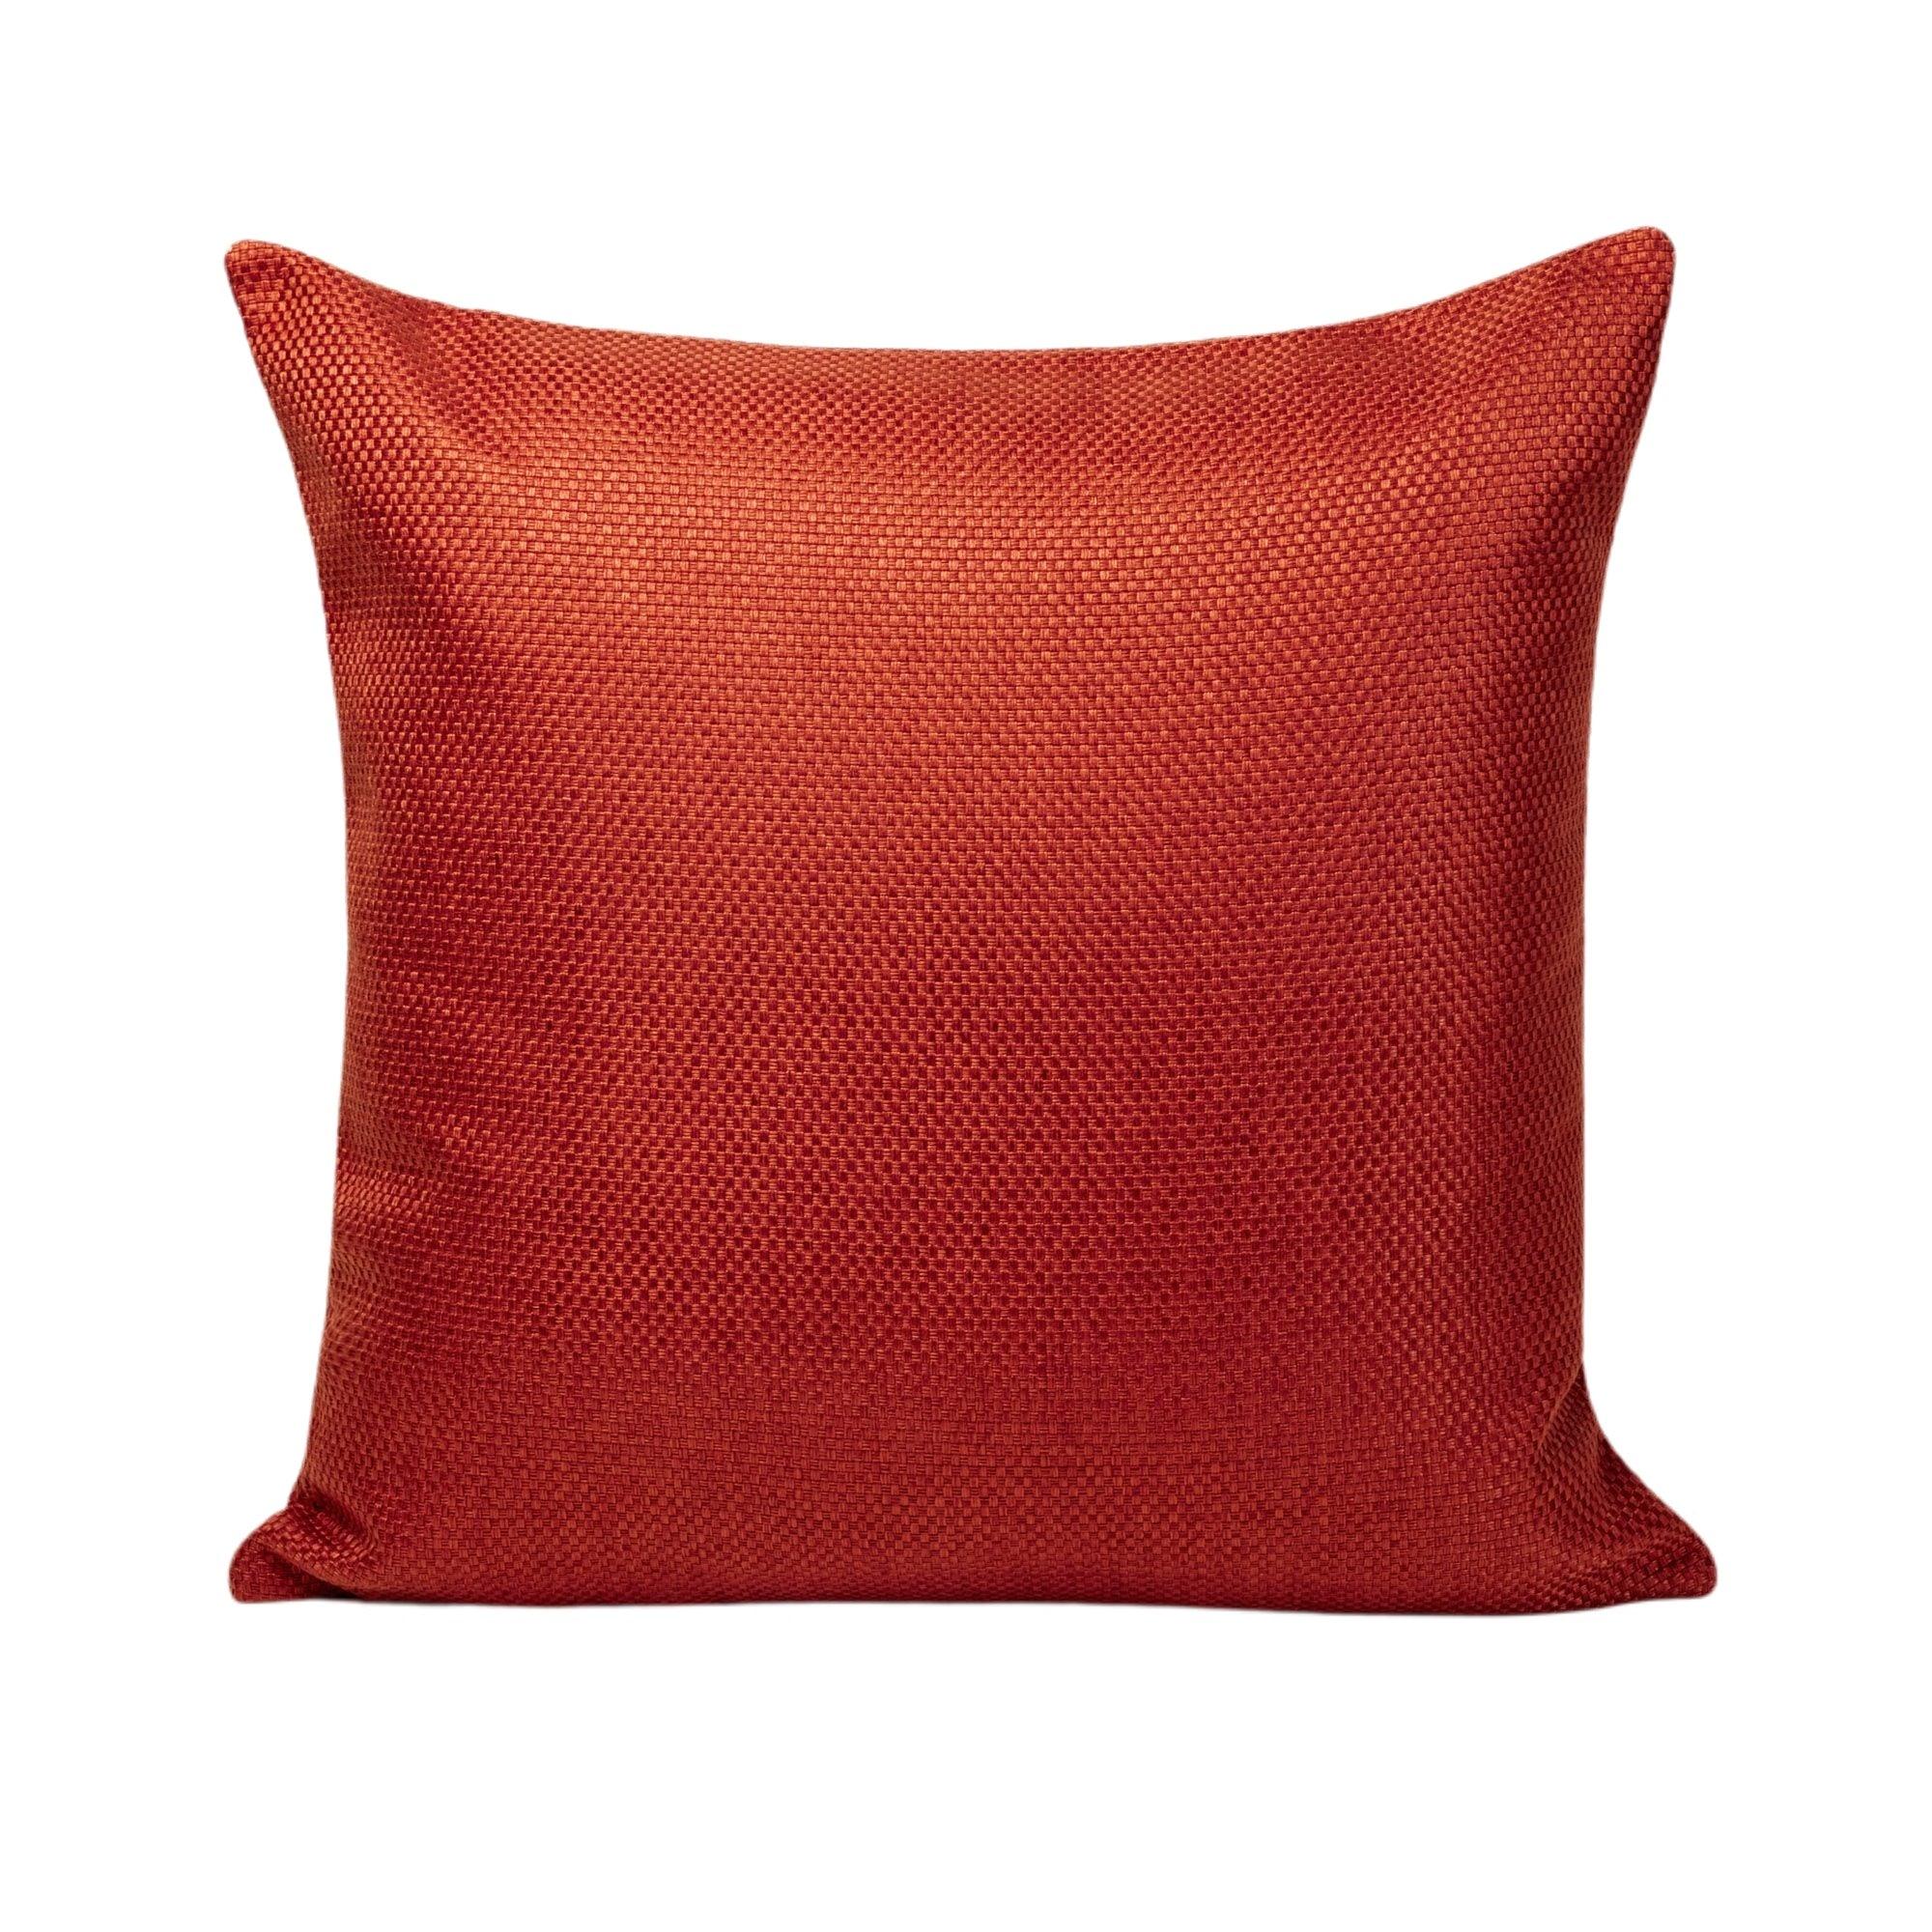 Housse de coussin 60x60 cm Orange Brique